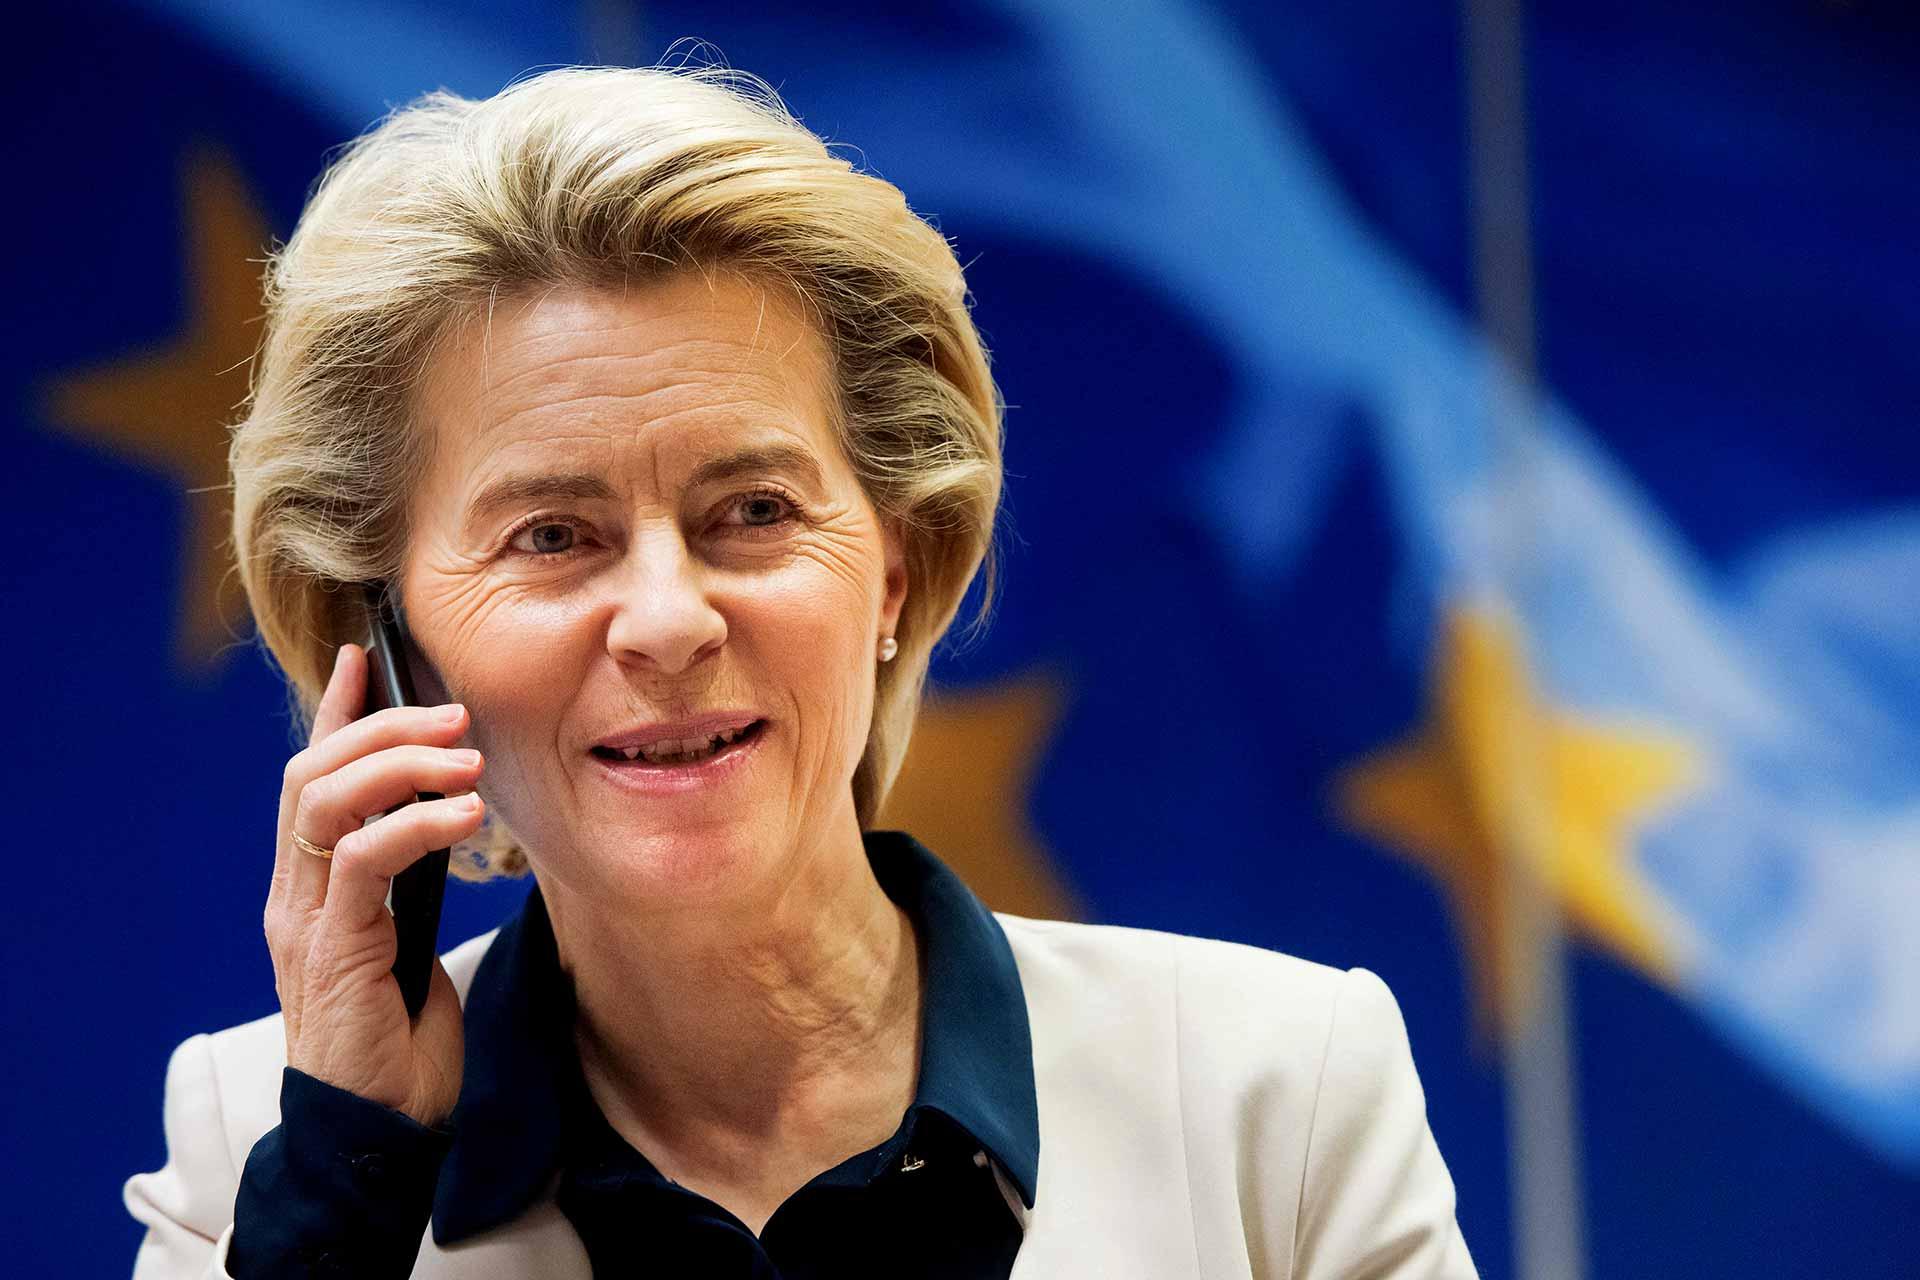 Ursula von der Leyen on the phone